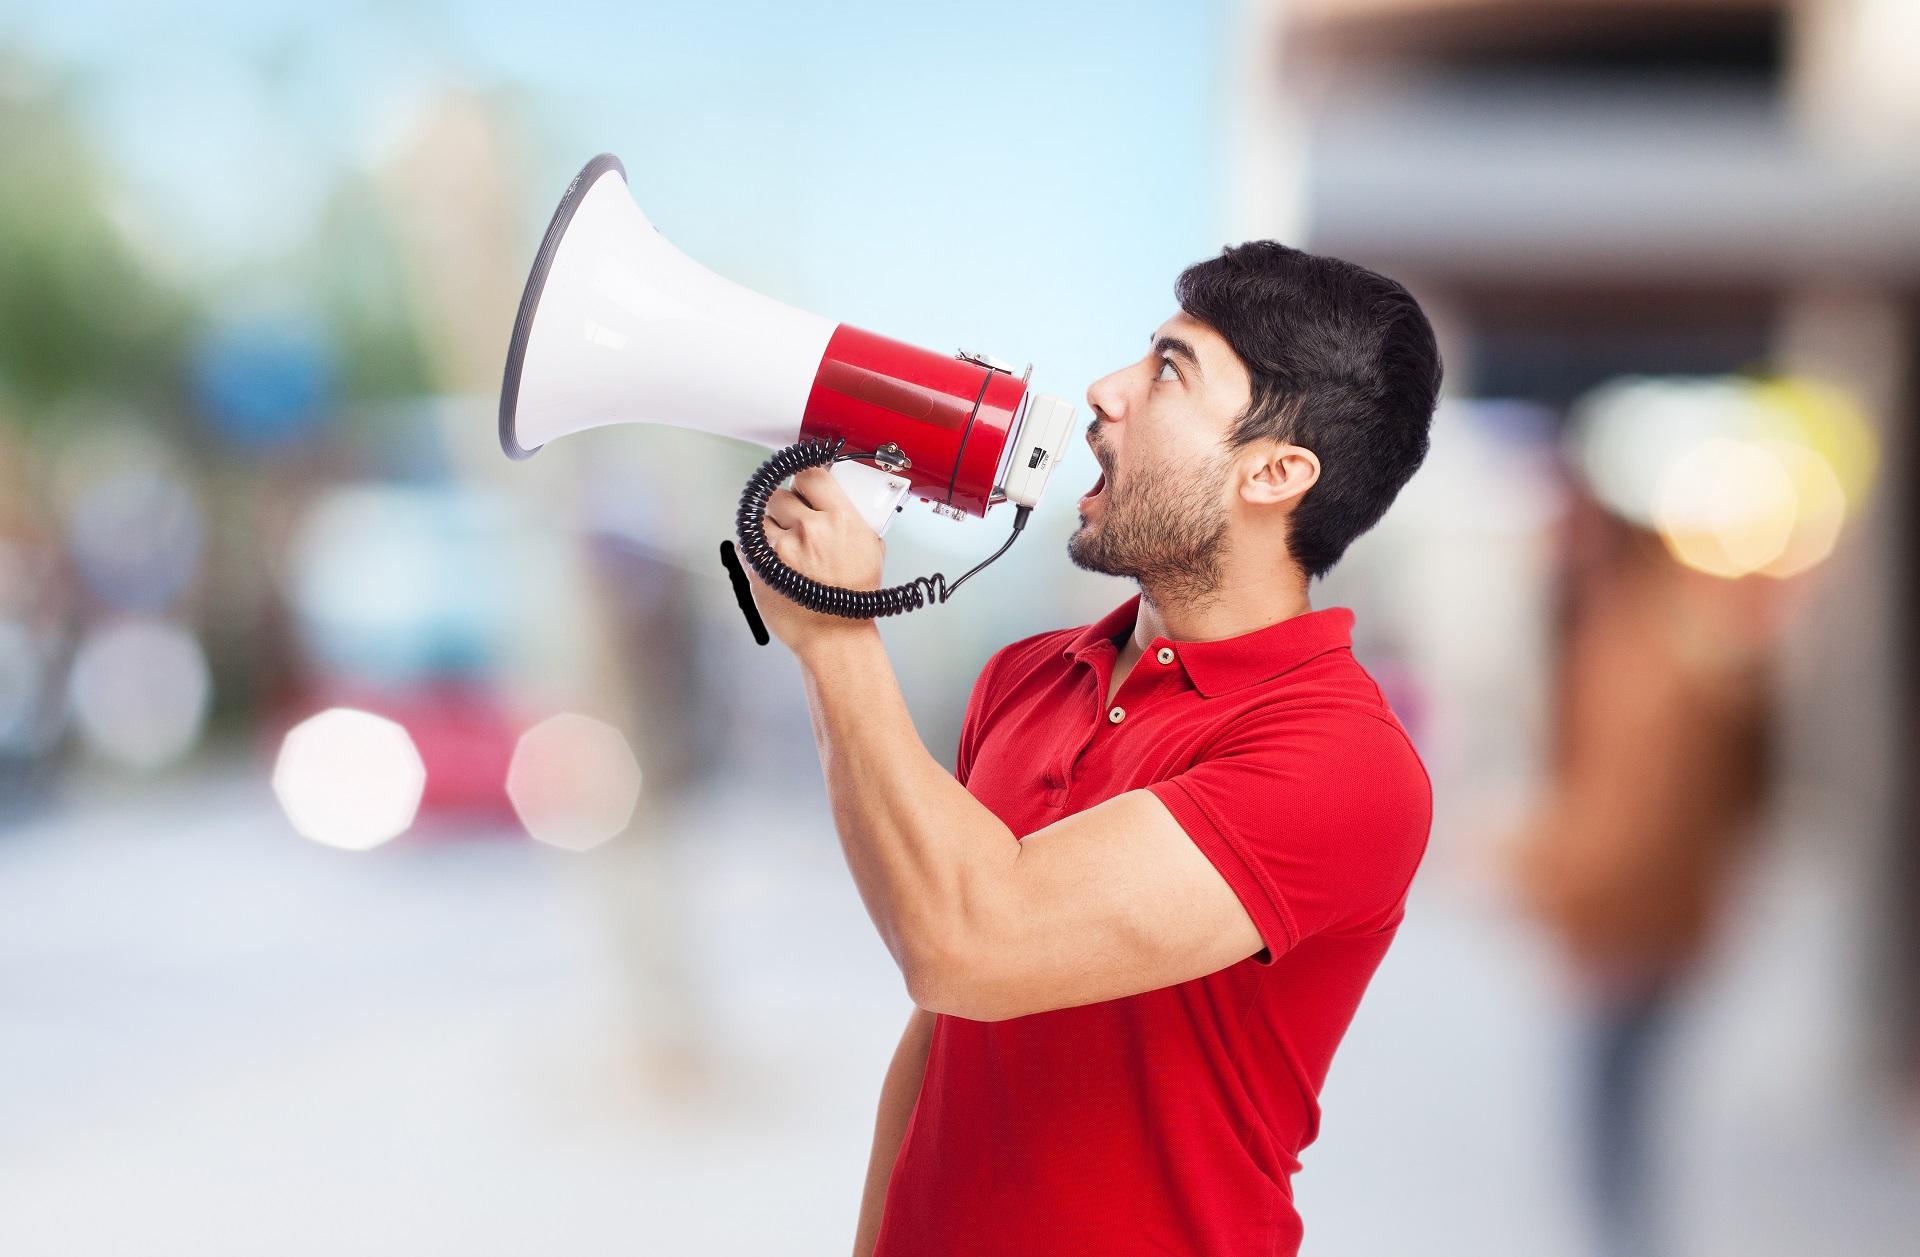 Jak promować firmę, nawet jeśli nie masz pieniędzy na reklamę, a branża jest… nudna?